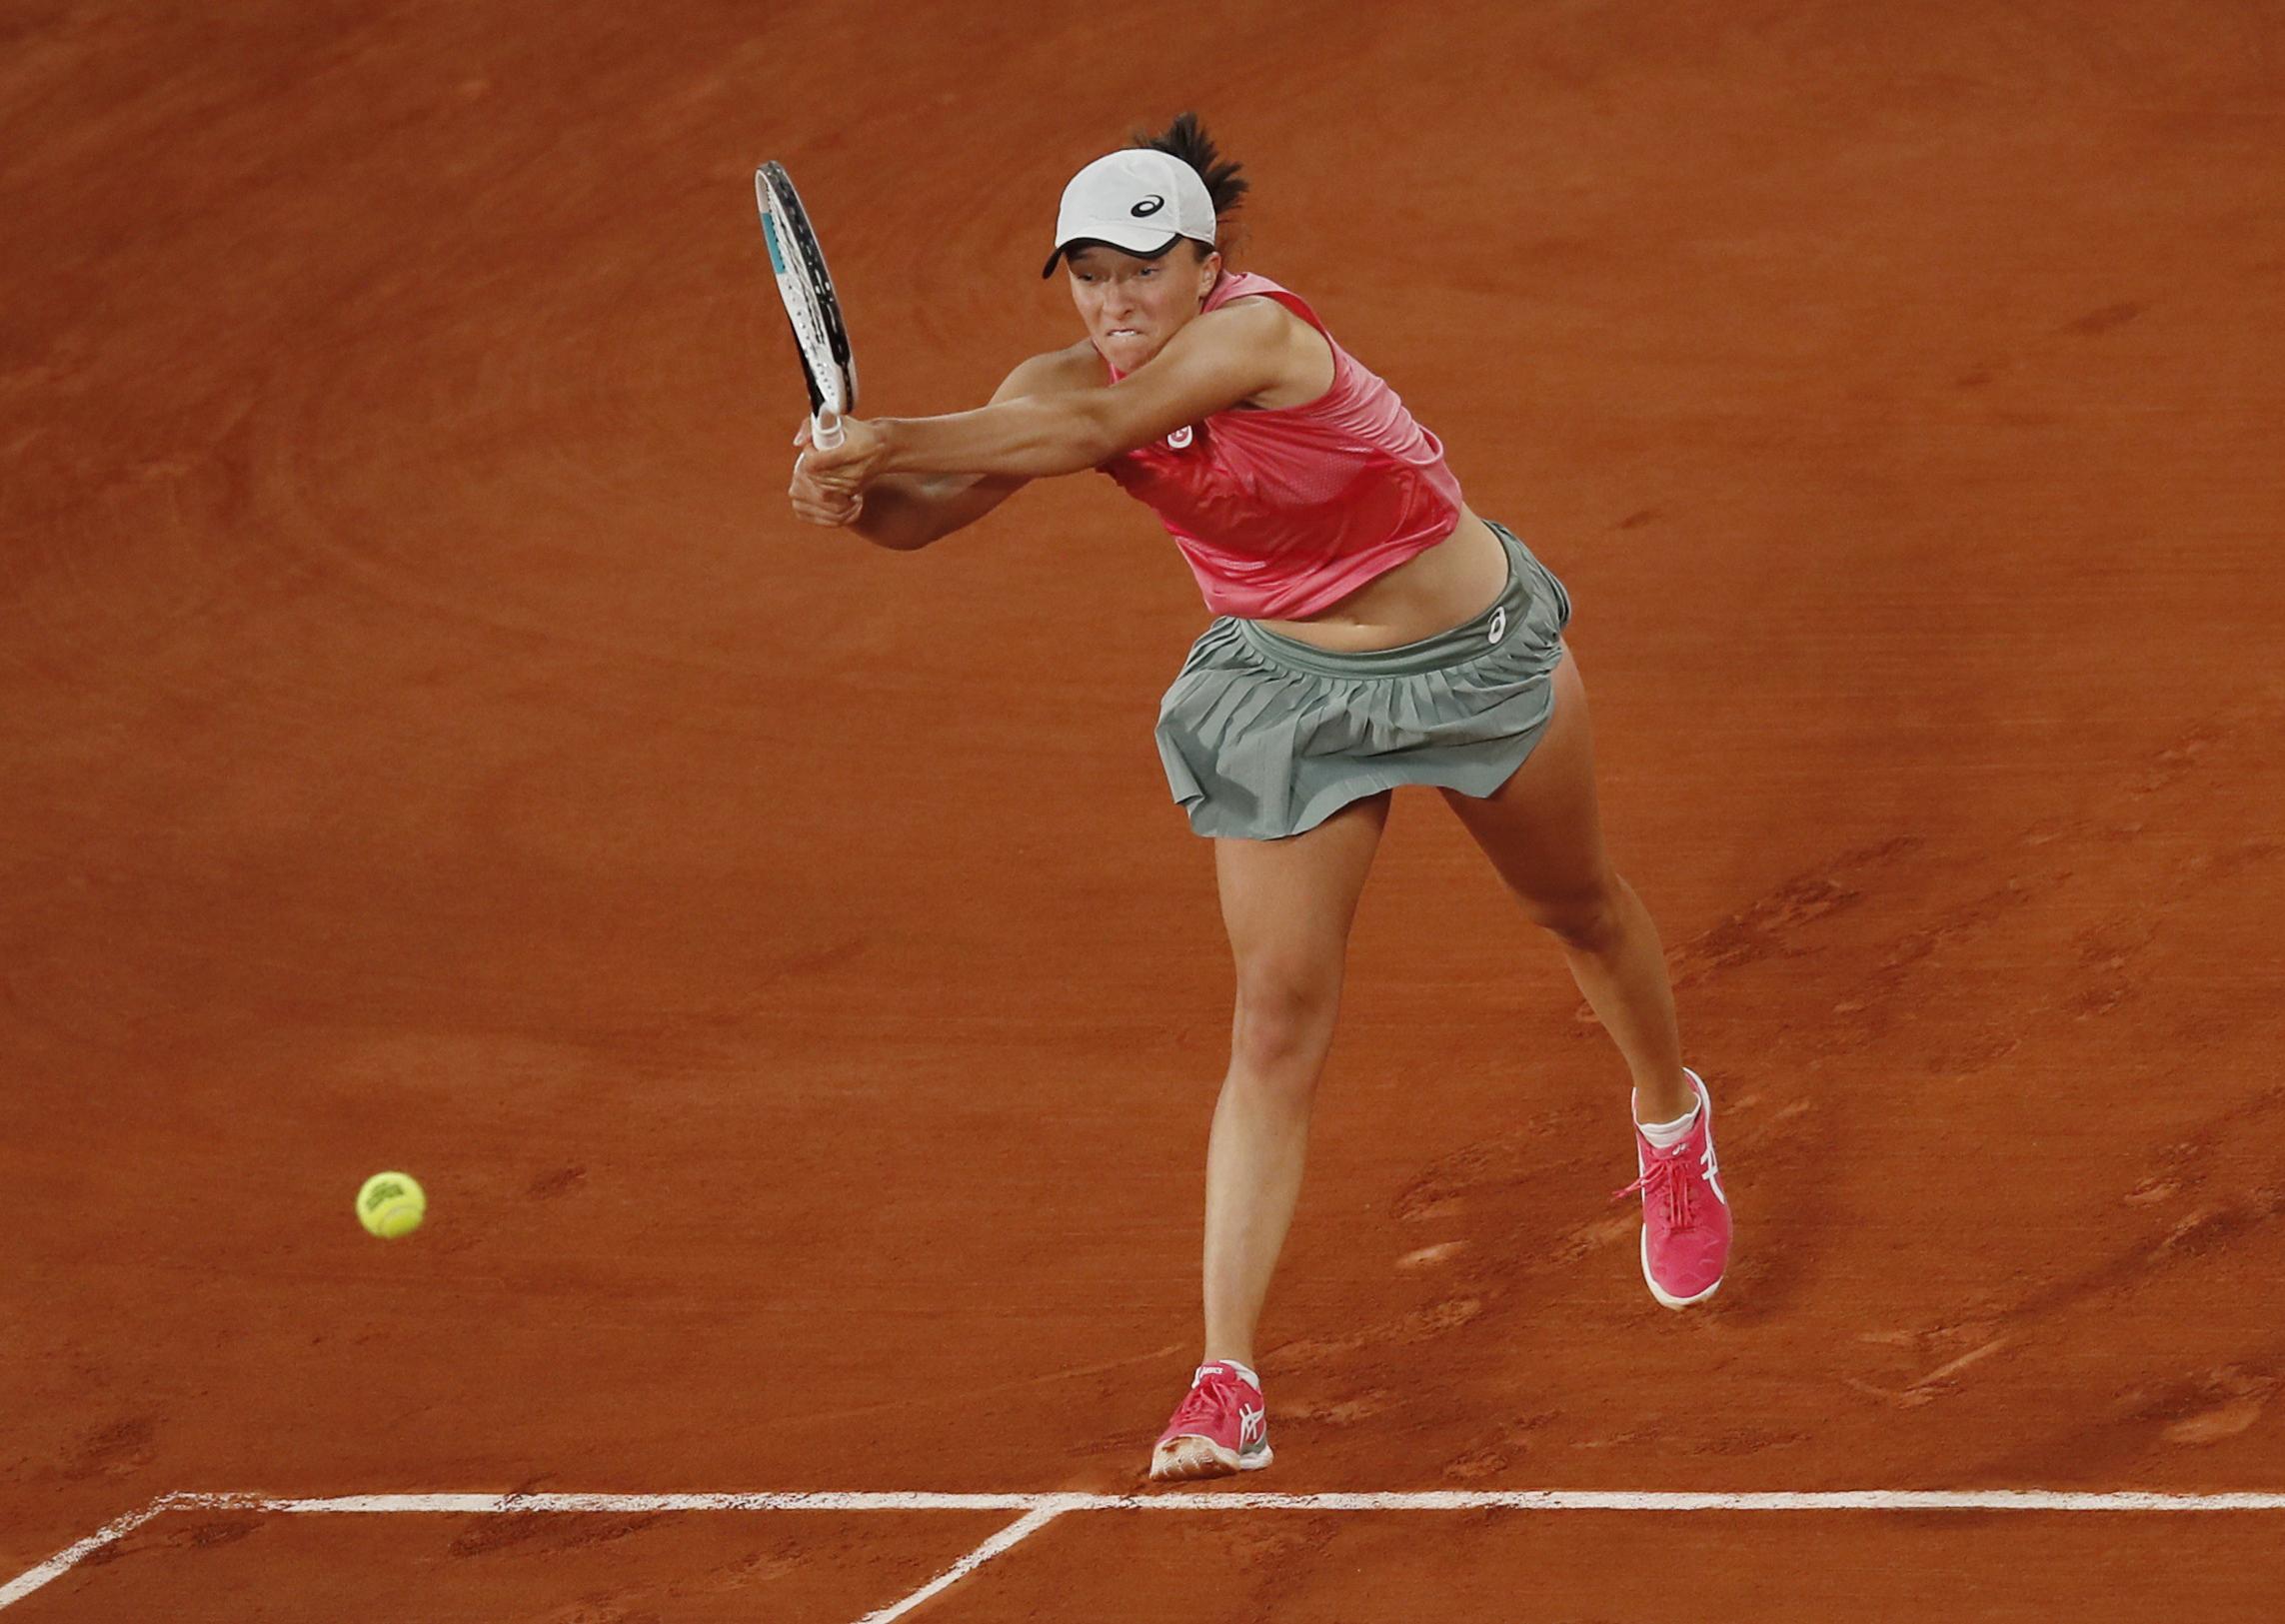 Με Σβιάτεκ η Μαρία Σάκκαρη στα προημιτελικά του Roland Garros